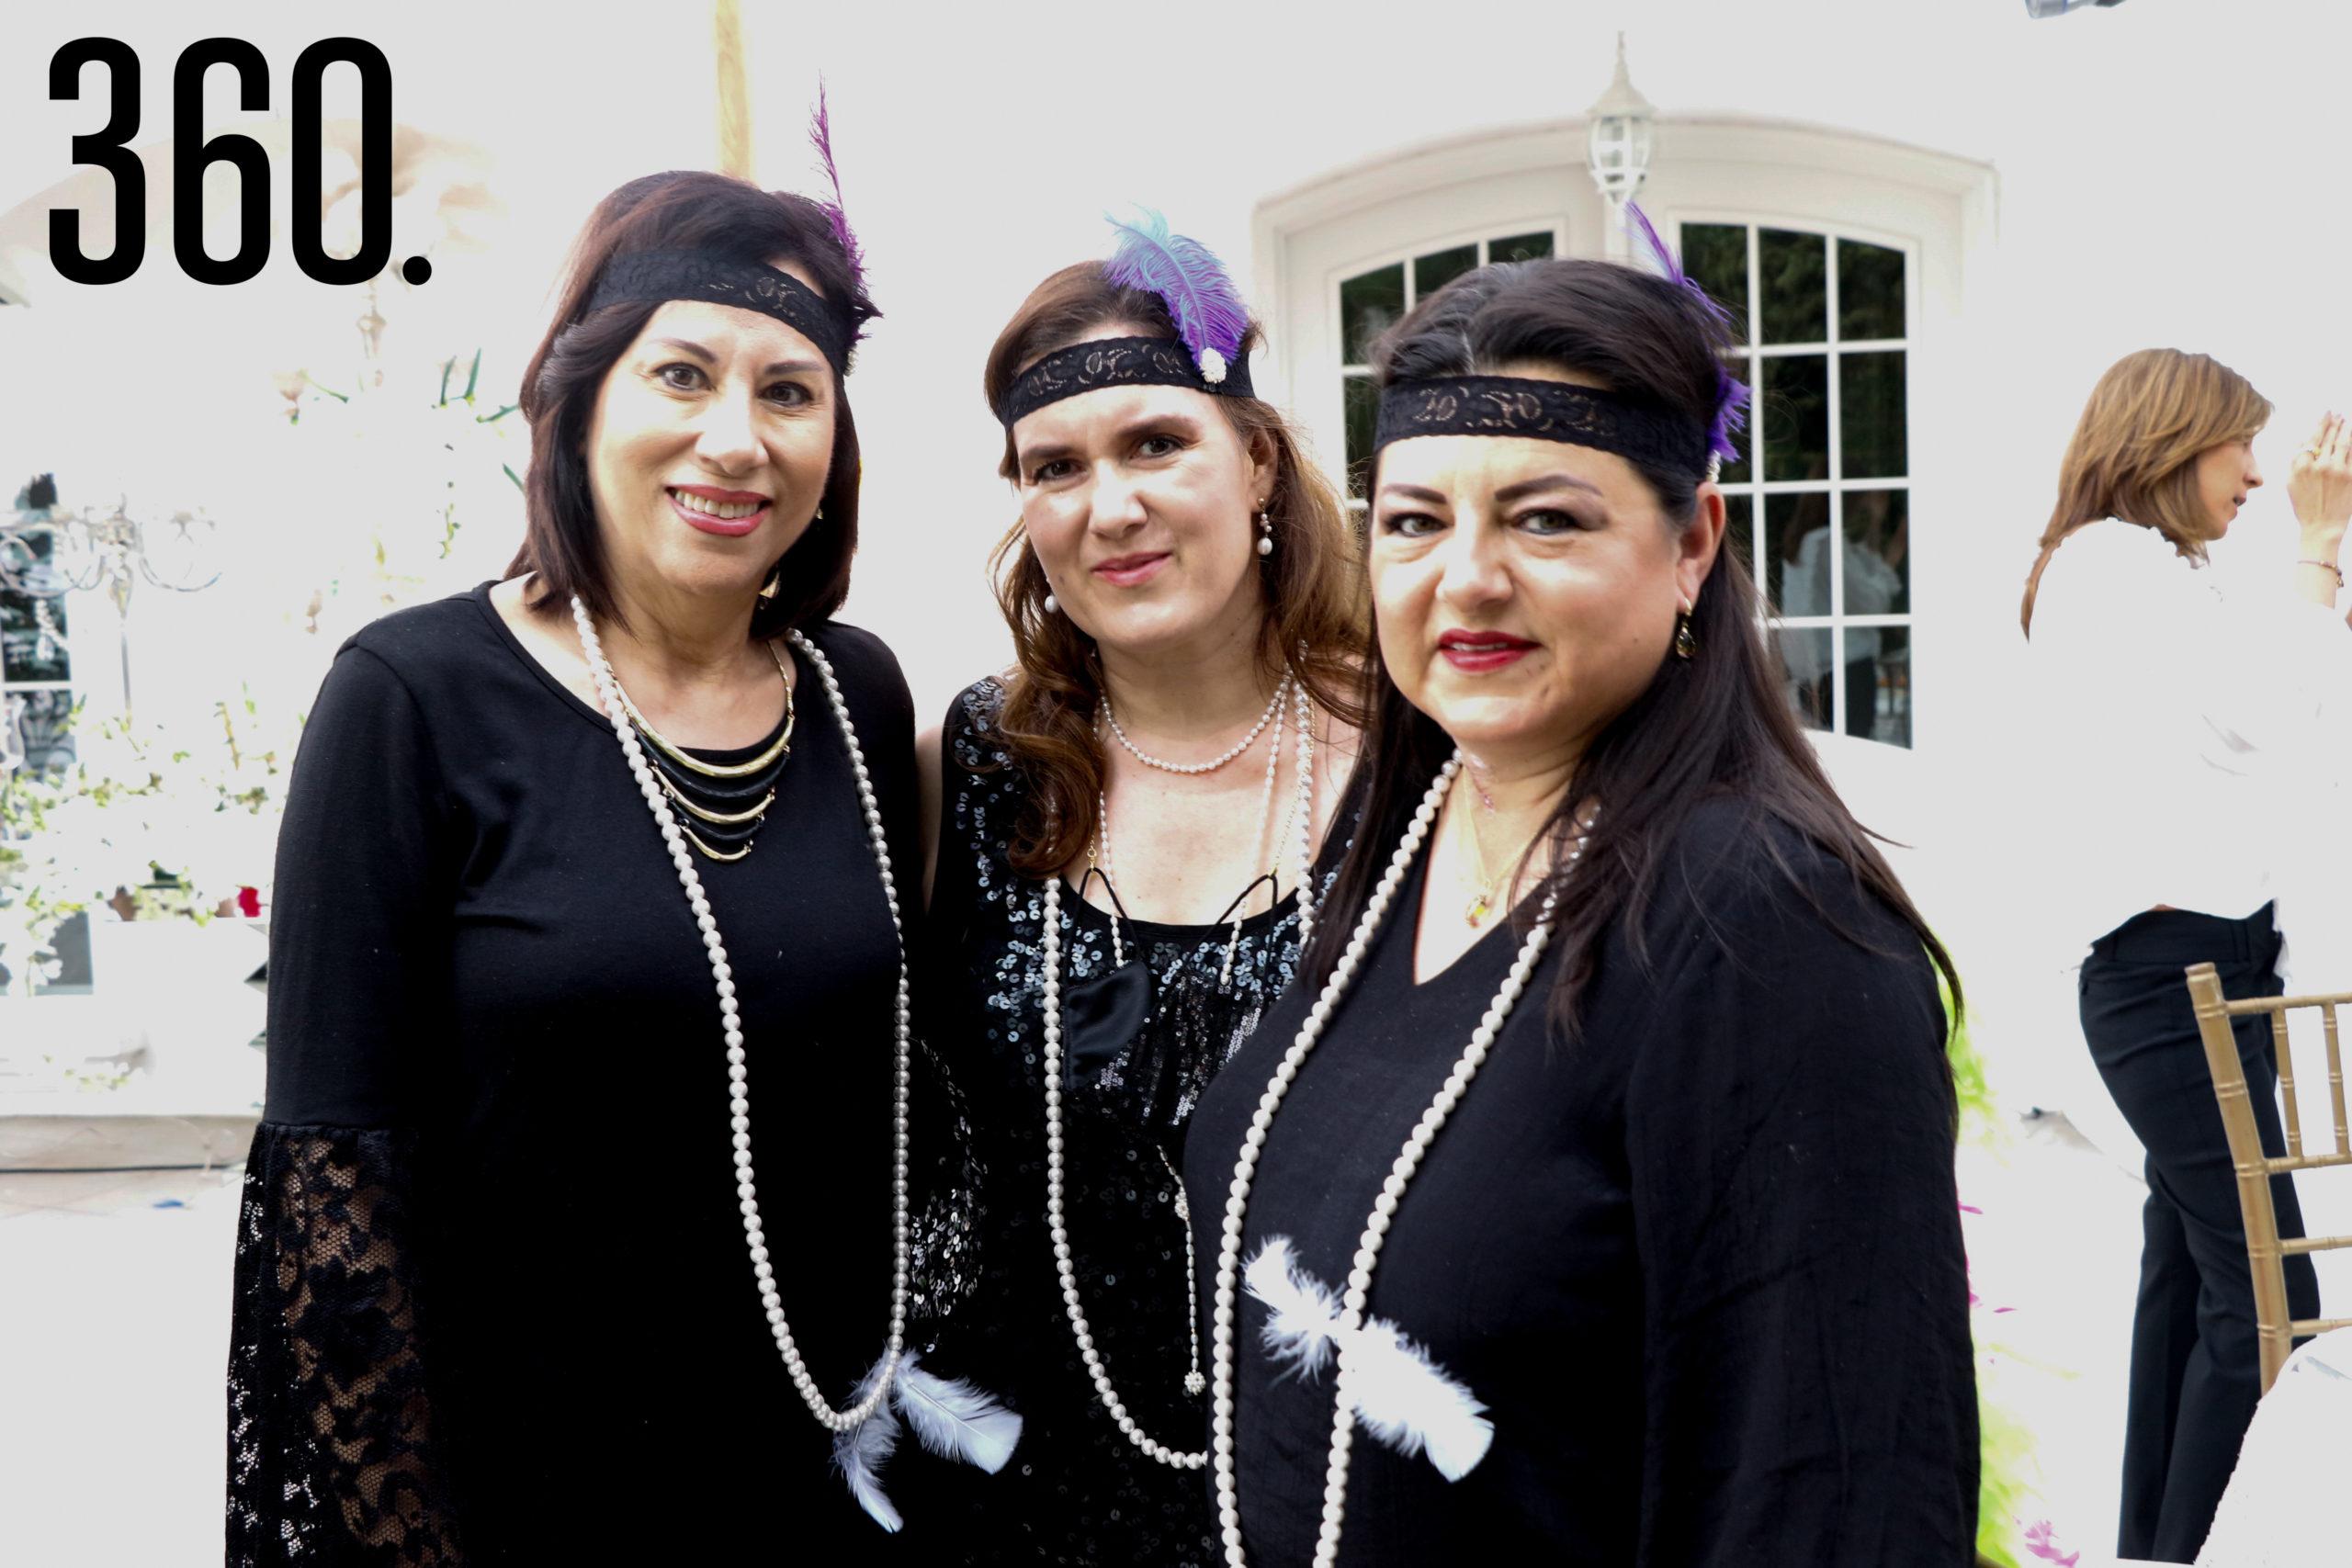 Carmen Sánchez, Lucero Dorbecker y Maricarmen Sánchez.